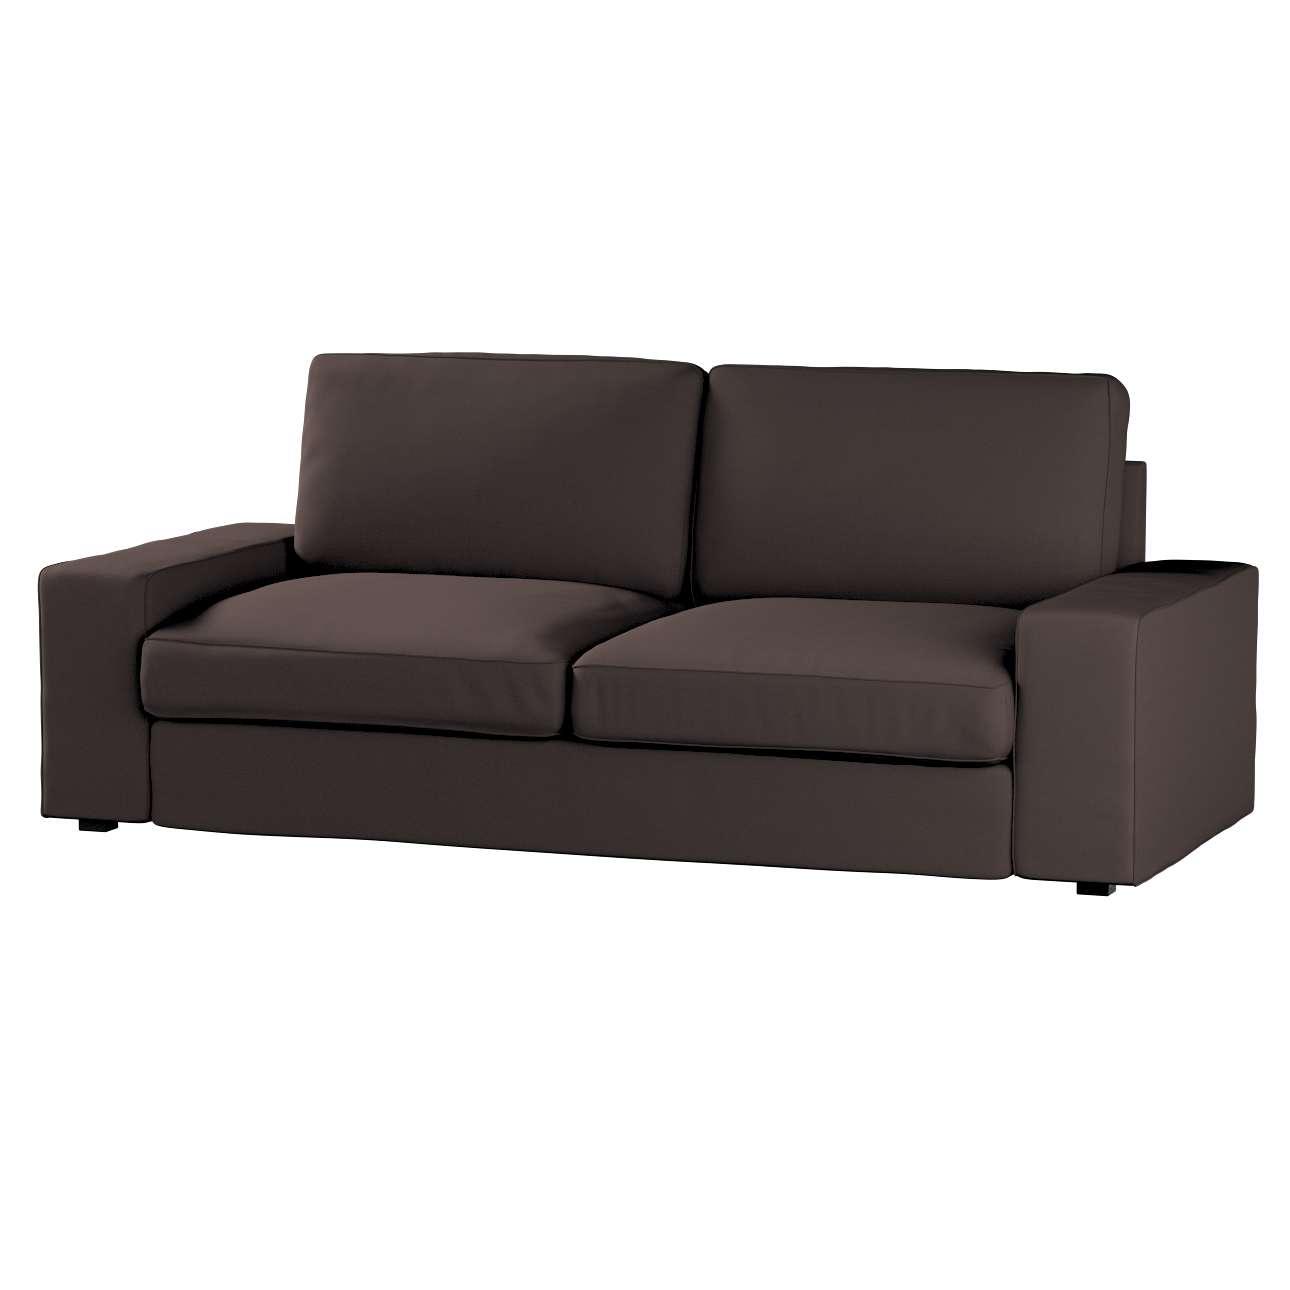 Pokrowiec na sofę Kivik 3-osobową, nierozkładaną Sofa Kivik 3-osobowa nierozkładana w kolekcji Cotton Panama, tkanina: 702-03